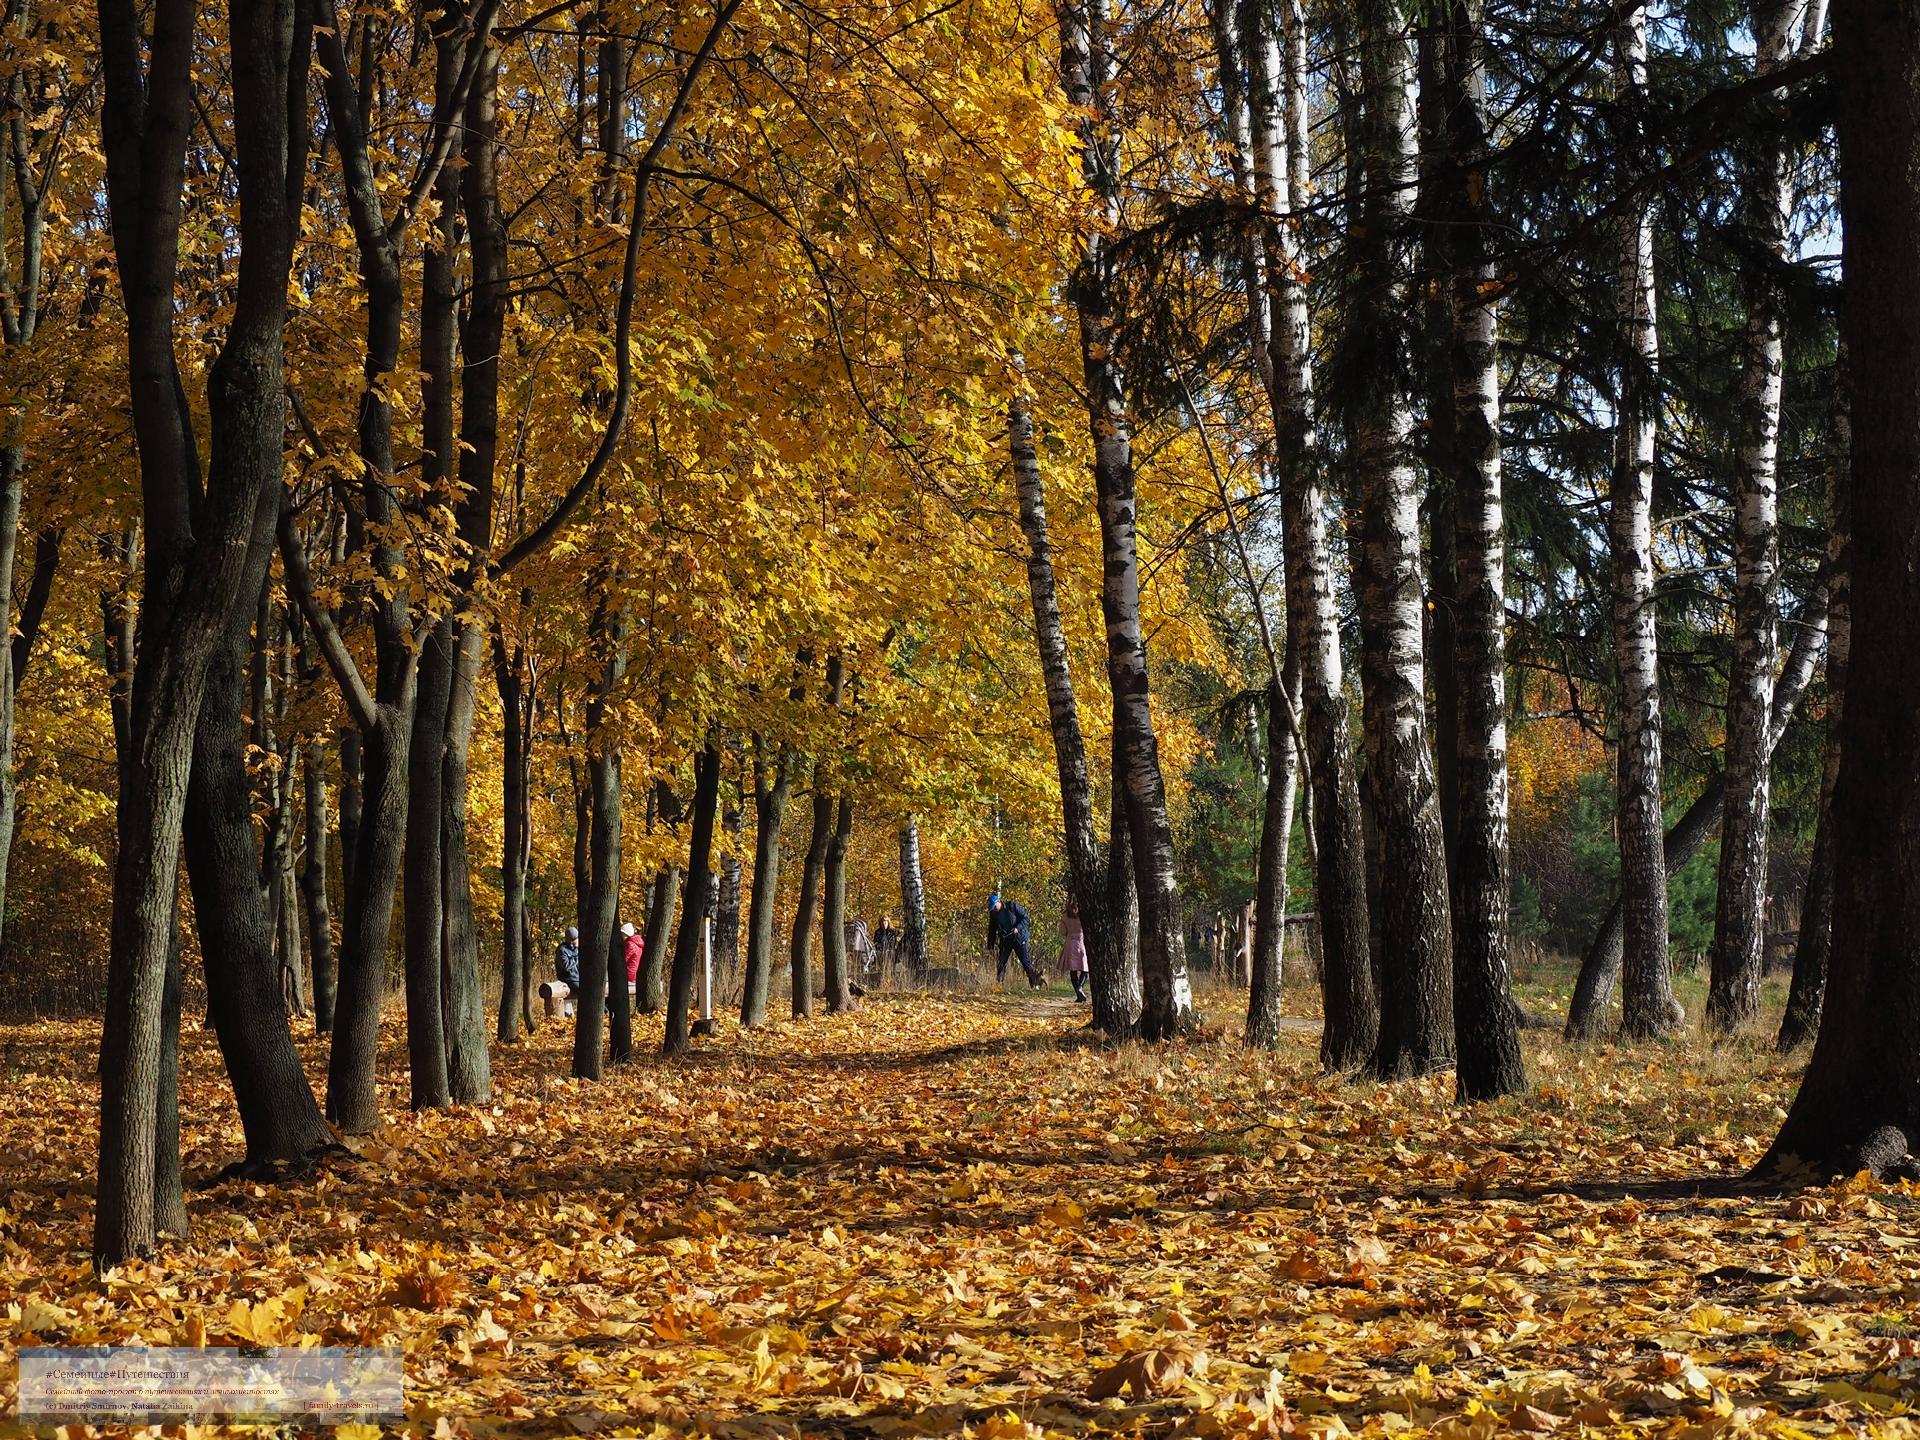 10142018-1444-Blog-037 Просто фото  Золотая осень (2018)